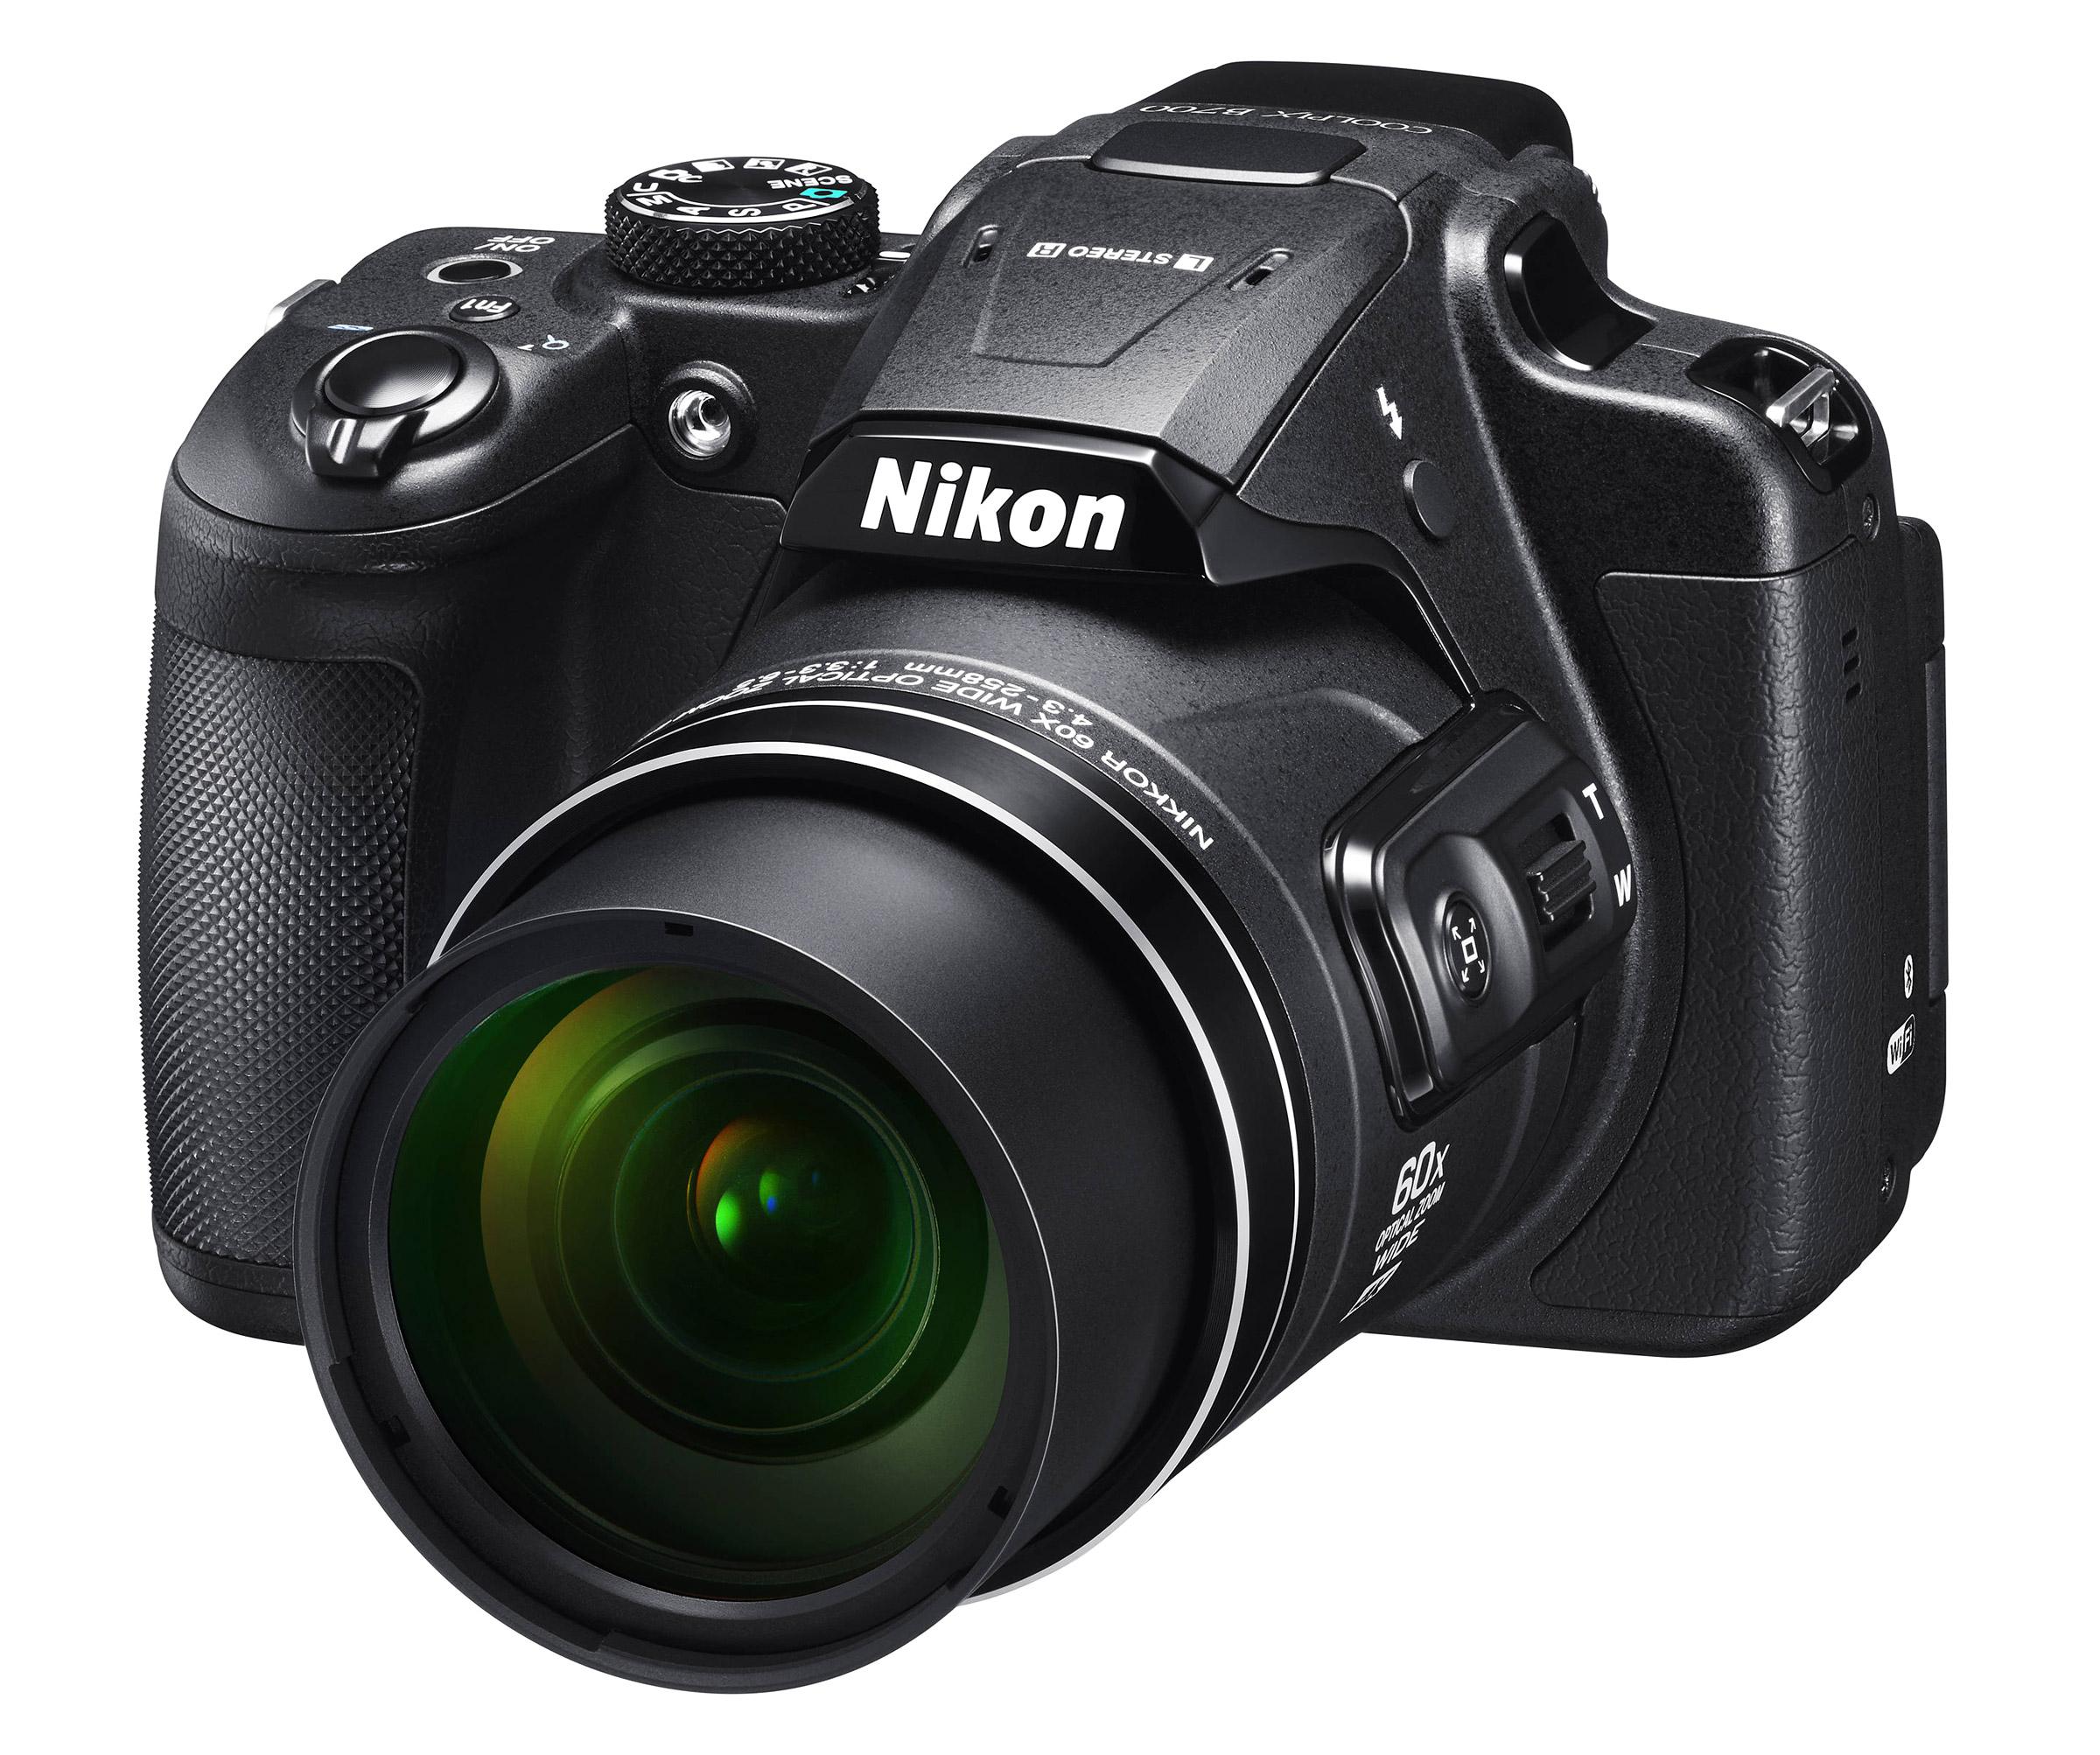 Fotocamera compatta nikon coolpix l110 33